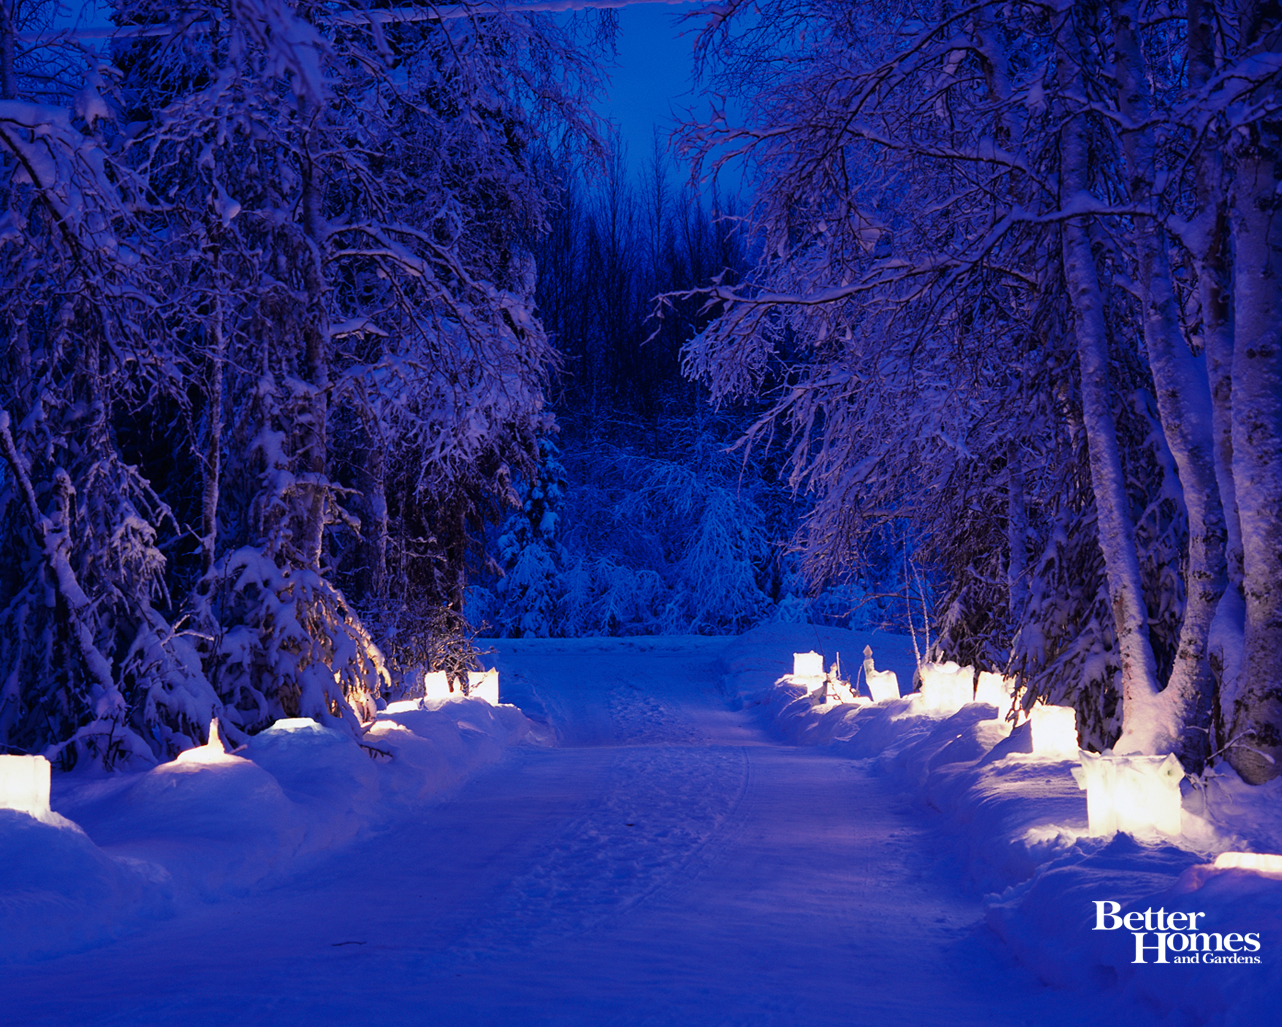 Winter Wonder Desktop Wallpapers 1282x1027